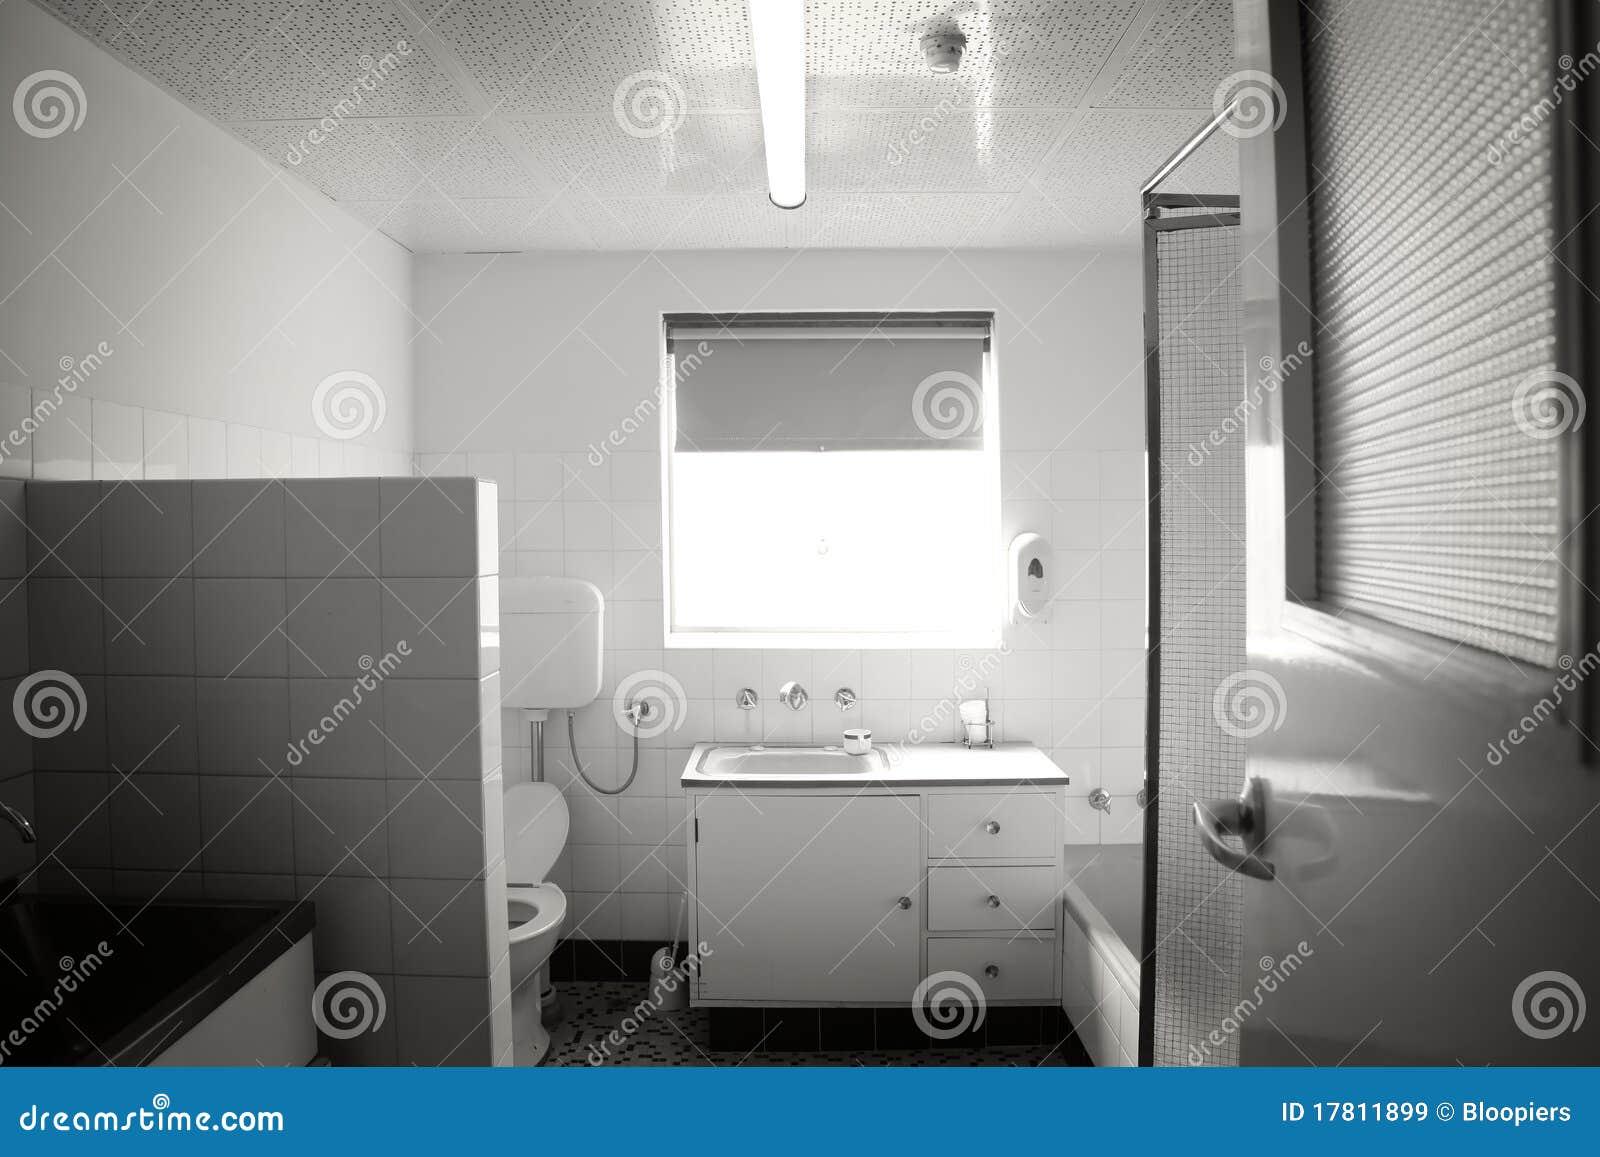 Een andere oude badkamers royalty vrije stock afbeeldingen afbeelding 17811899 - Oude badkamer ...